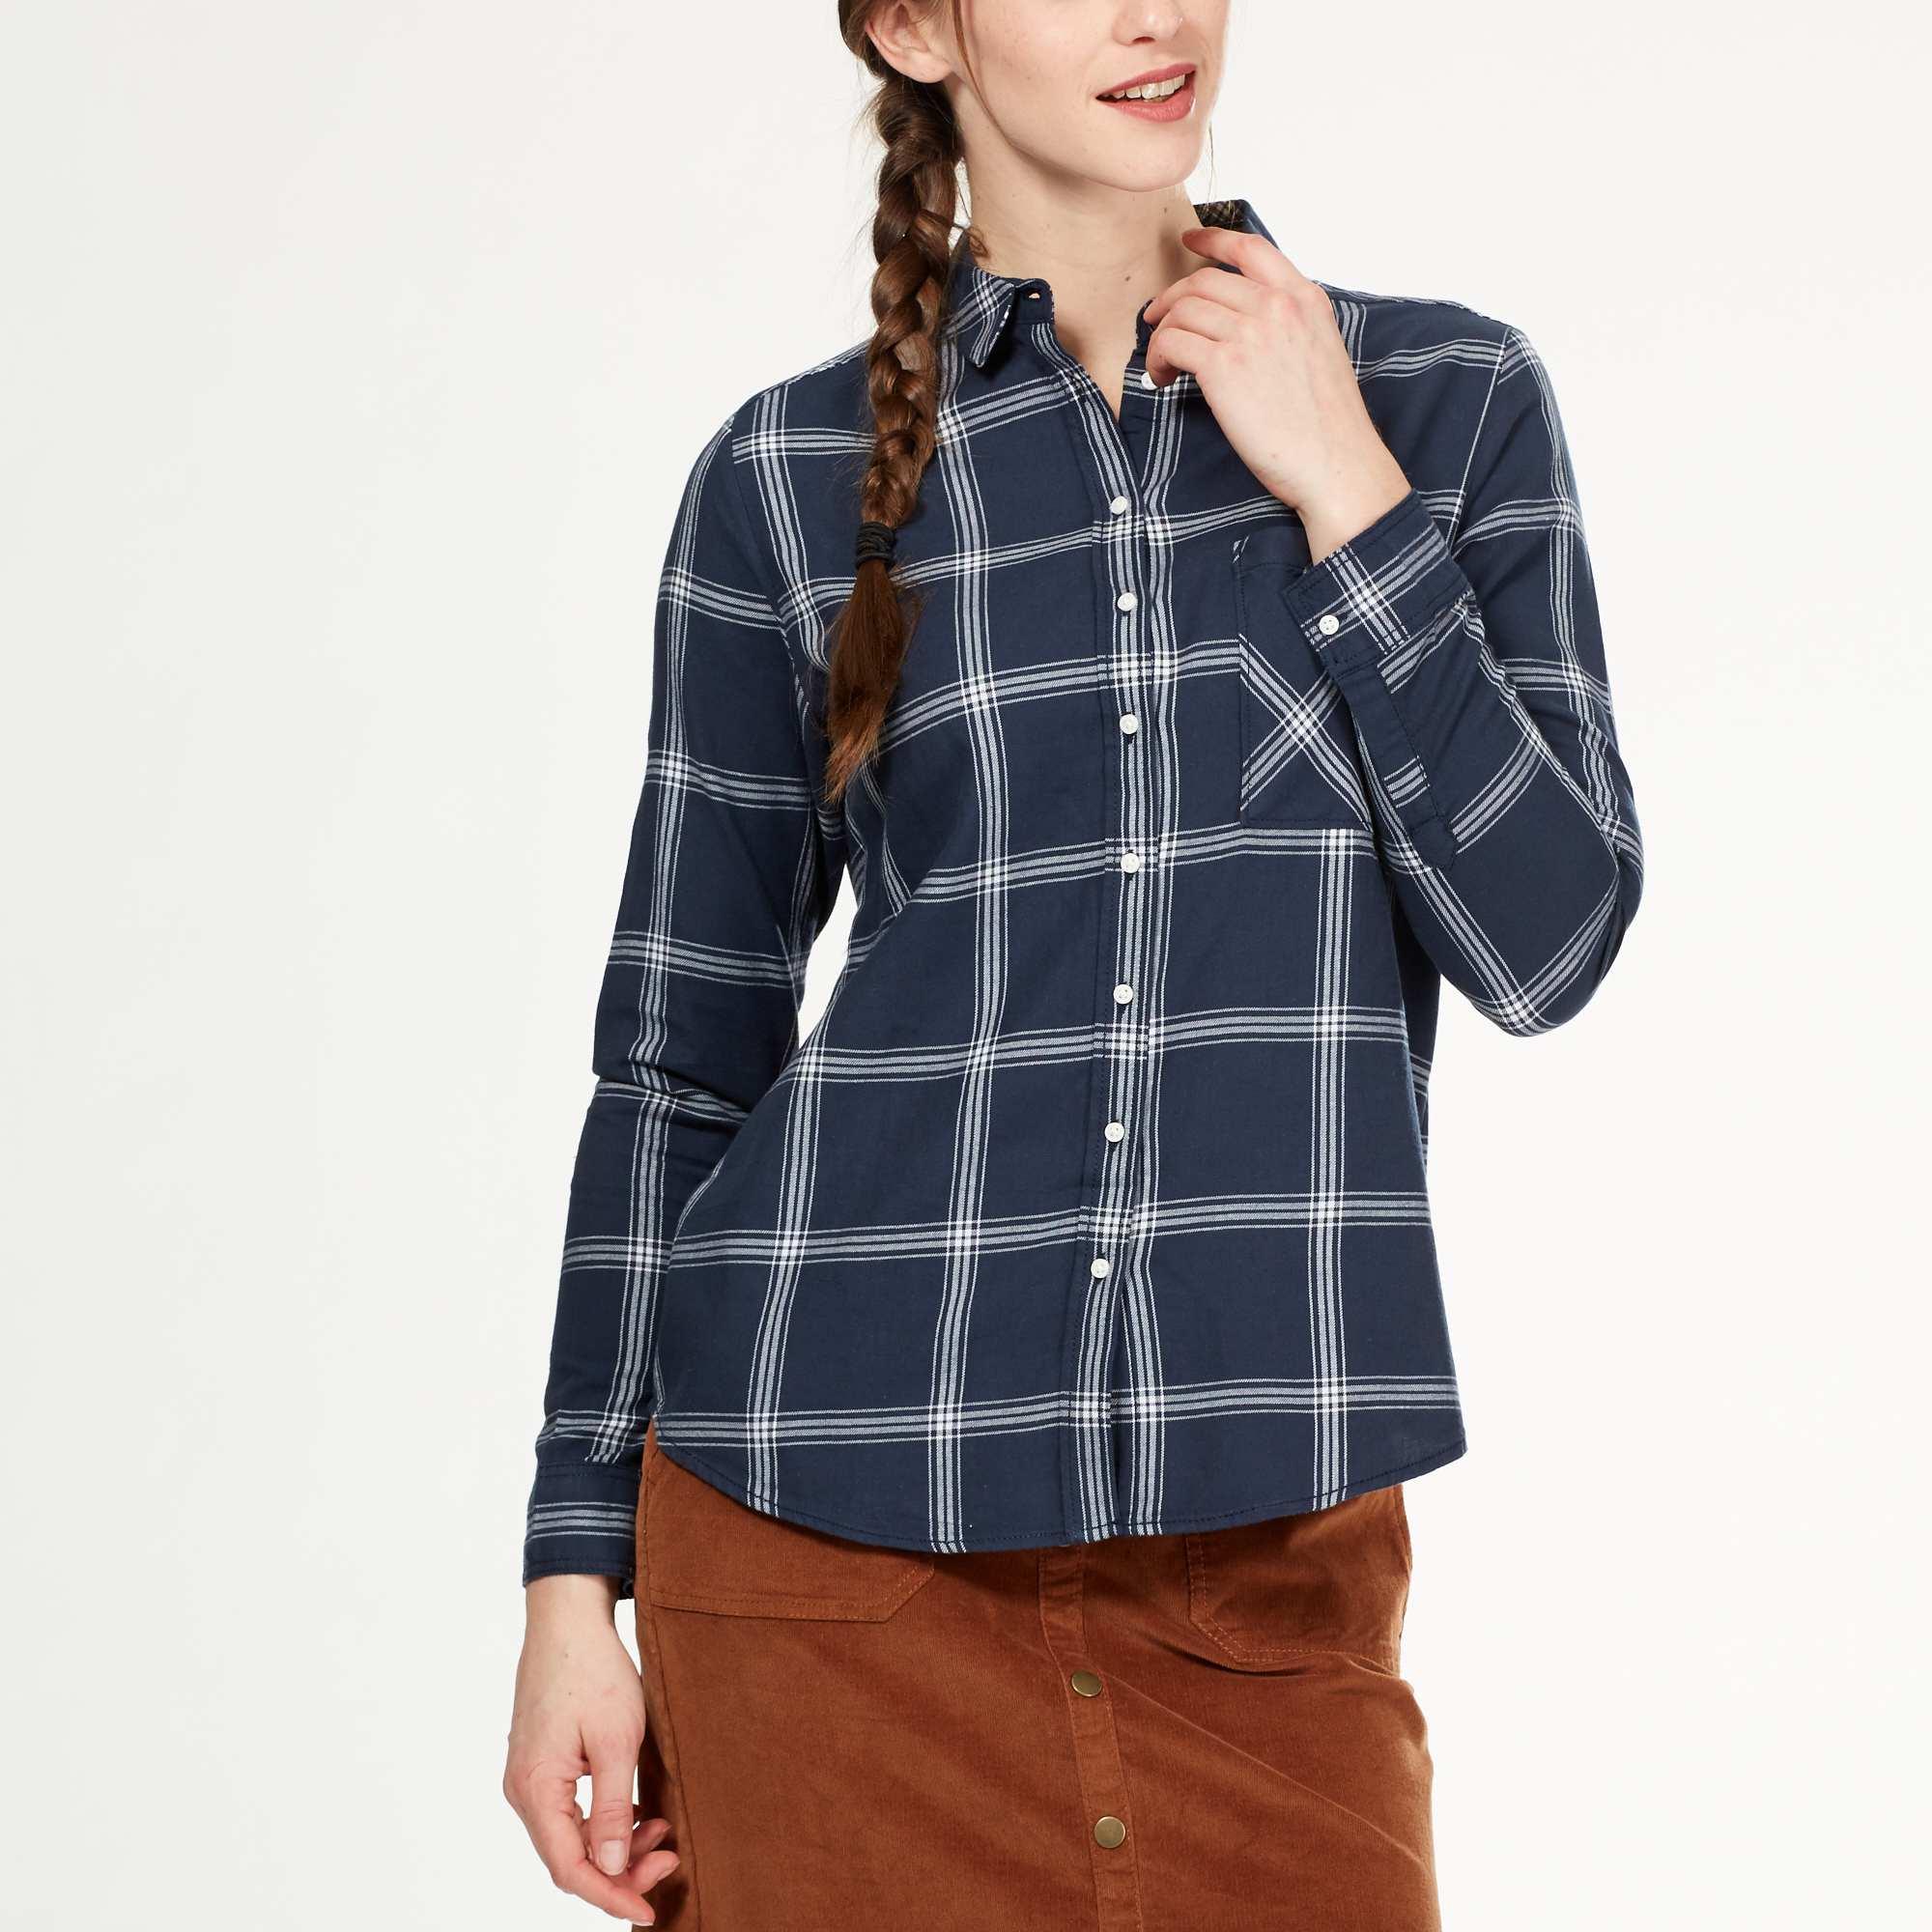 Couleur : carreaux bleu/blanc, , ,, - Taille : S, , ,,L'éternelle chemise à carreaux, pour un look toujours au top ! - Chemise à carreaux